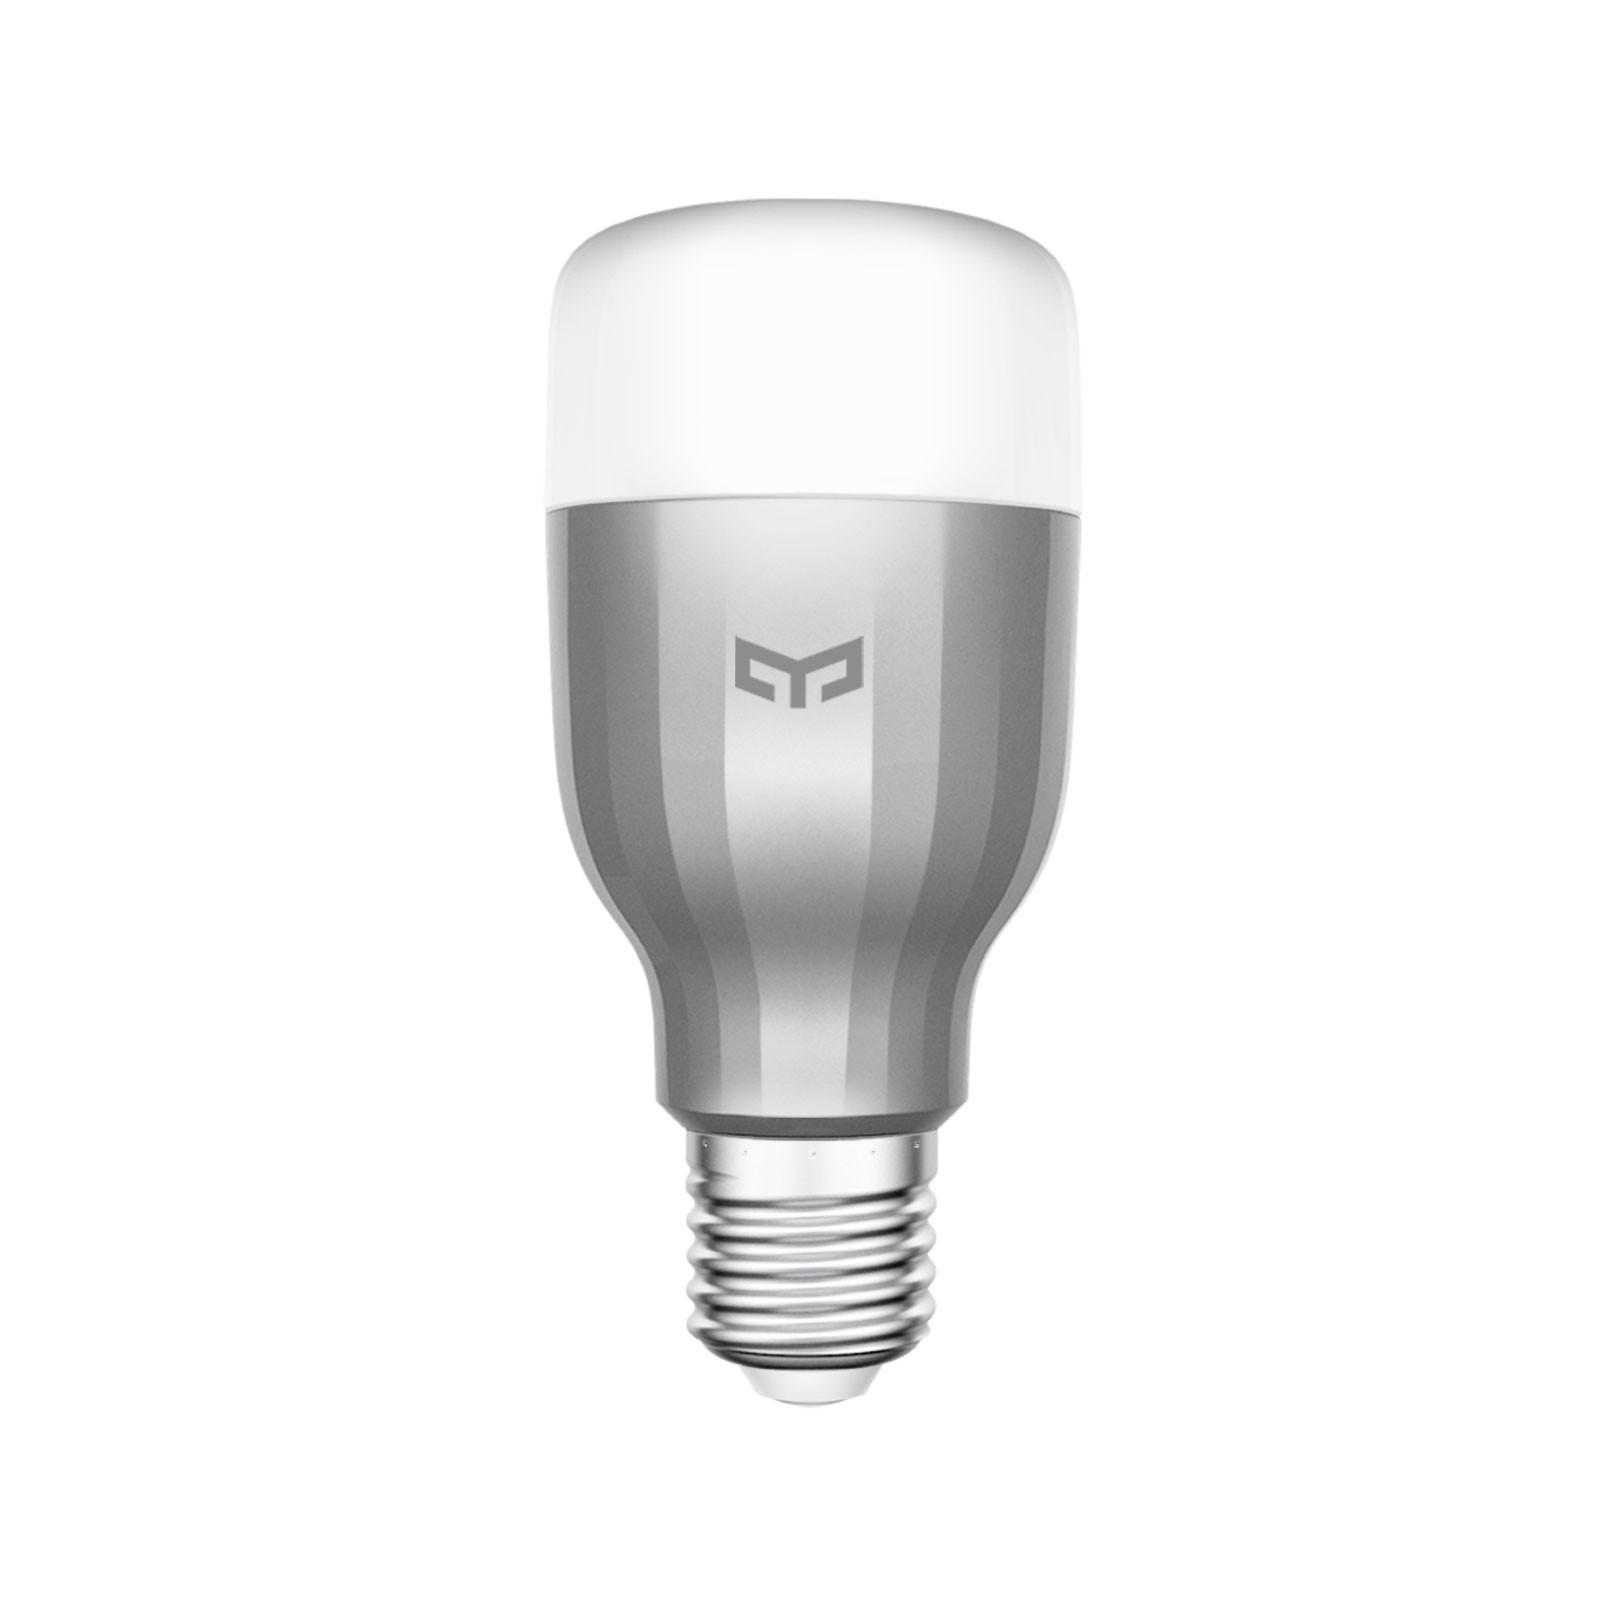 Chytrá žárovka Yeelight LED Bulb jen nyní ve slevě za 487 Kč! [sponzorovaný článek]